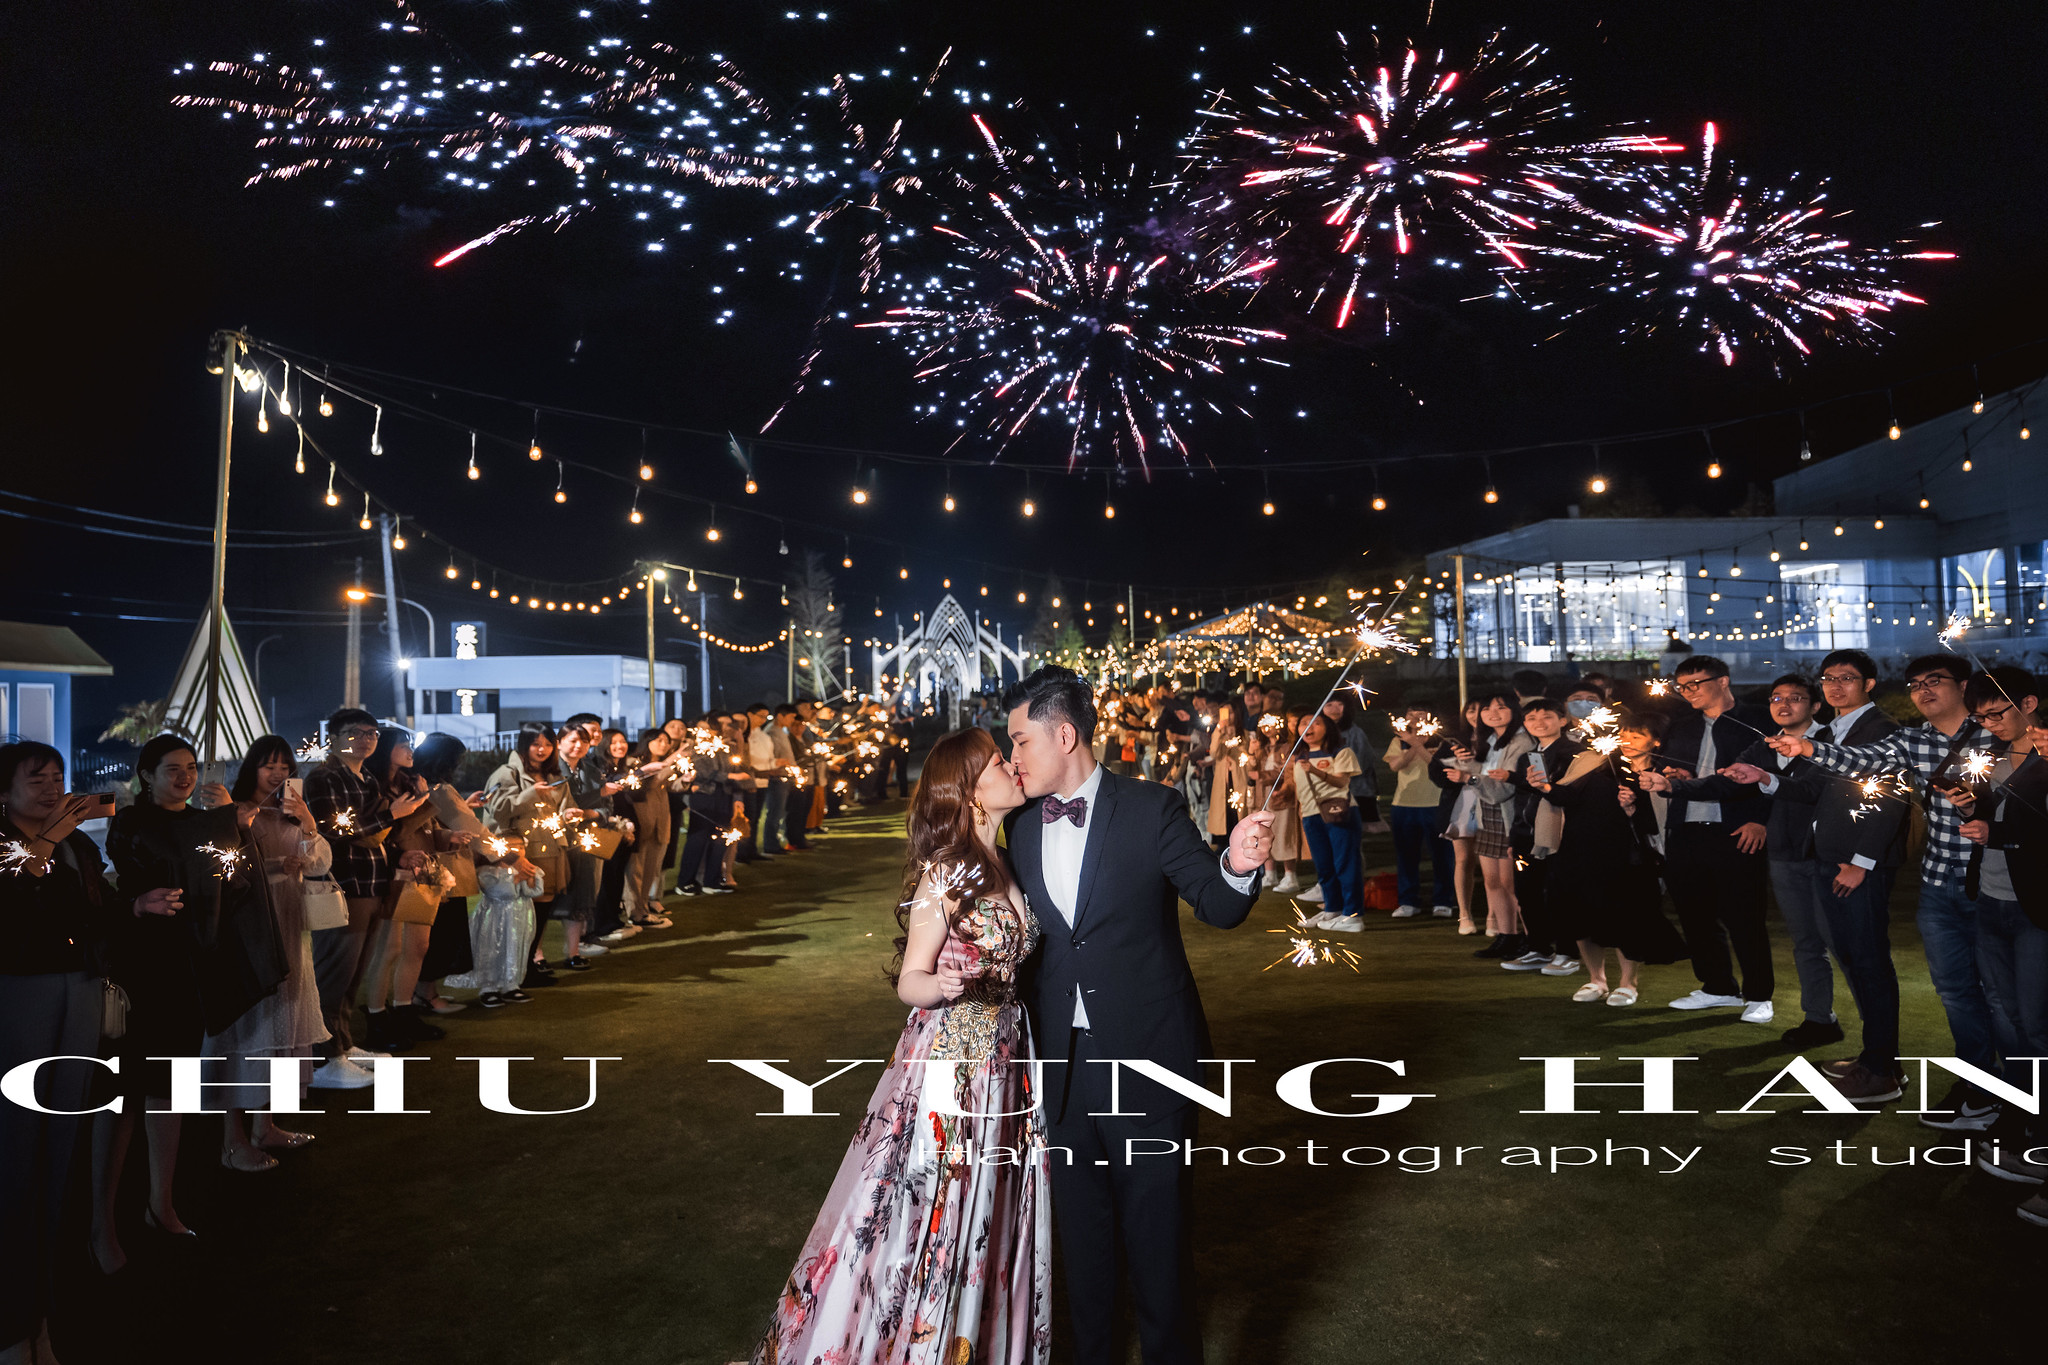 新竹婚攝,婚攝,婚禮派對,婚禮紀錄, 戶外證婚,派對式婚宴,網美IG景點,美式婚禮,薇絲山庭